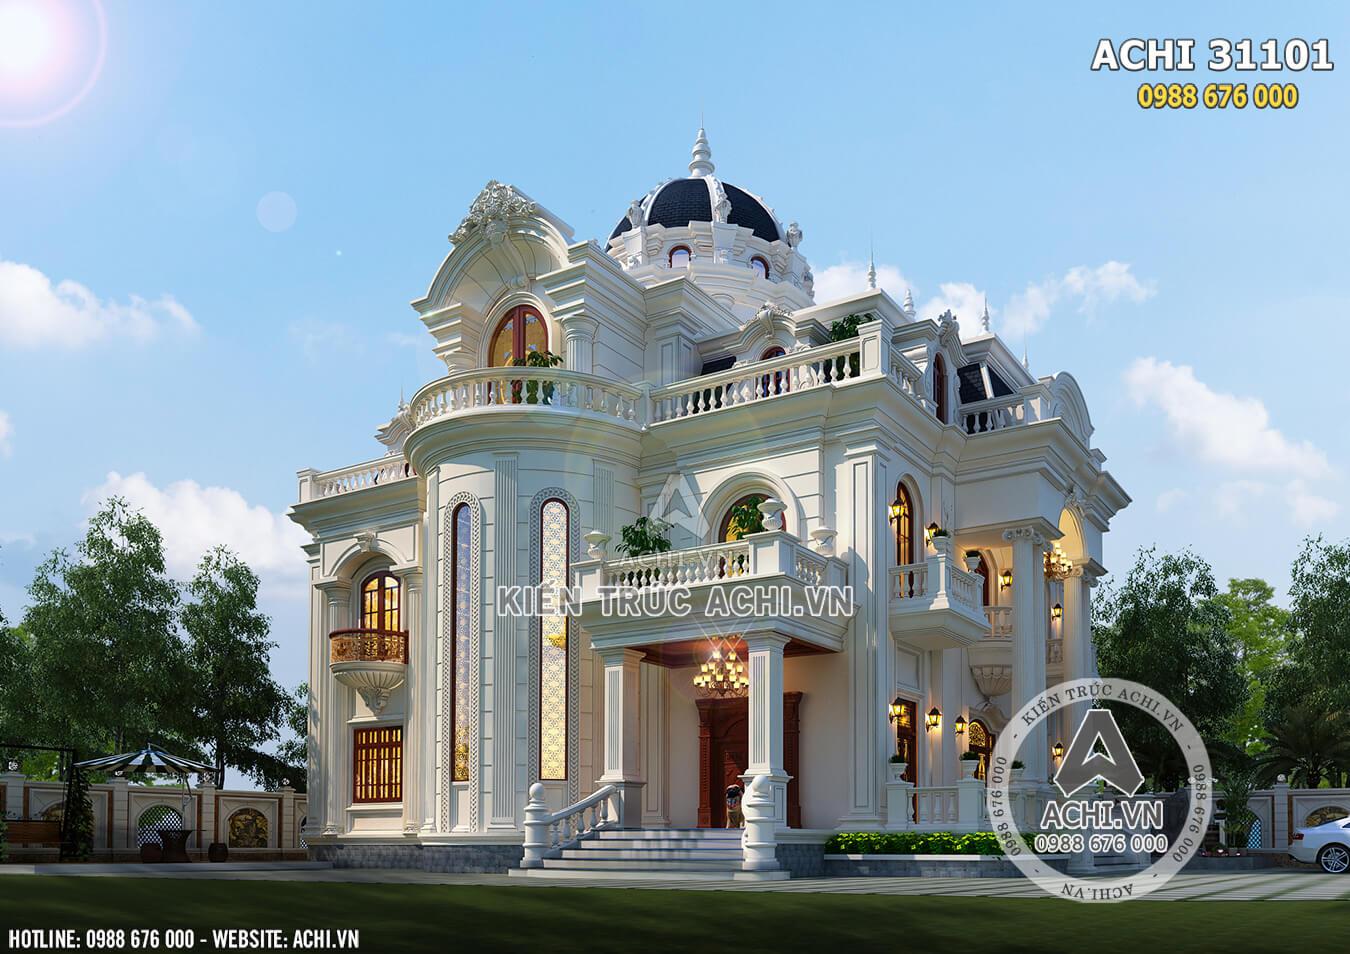 Hình ảnh: Thiết kế biệt thự tân cổ điển 3 tầng đẹp tại Nghệ An - ACHI 31101